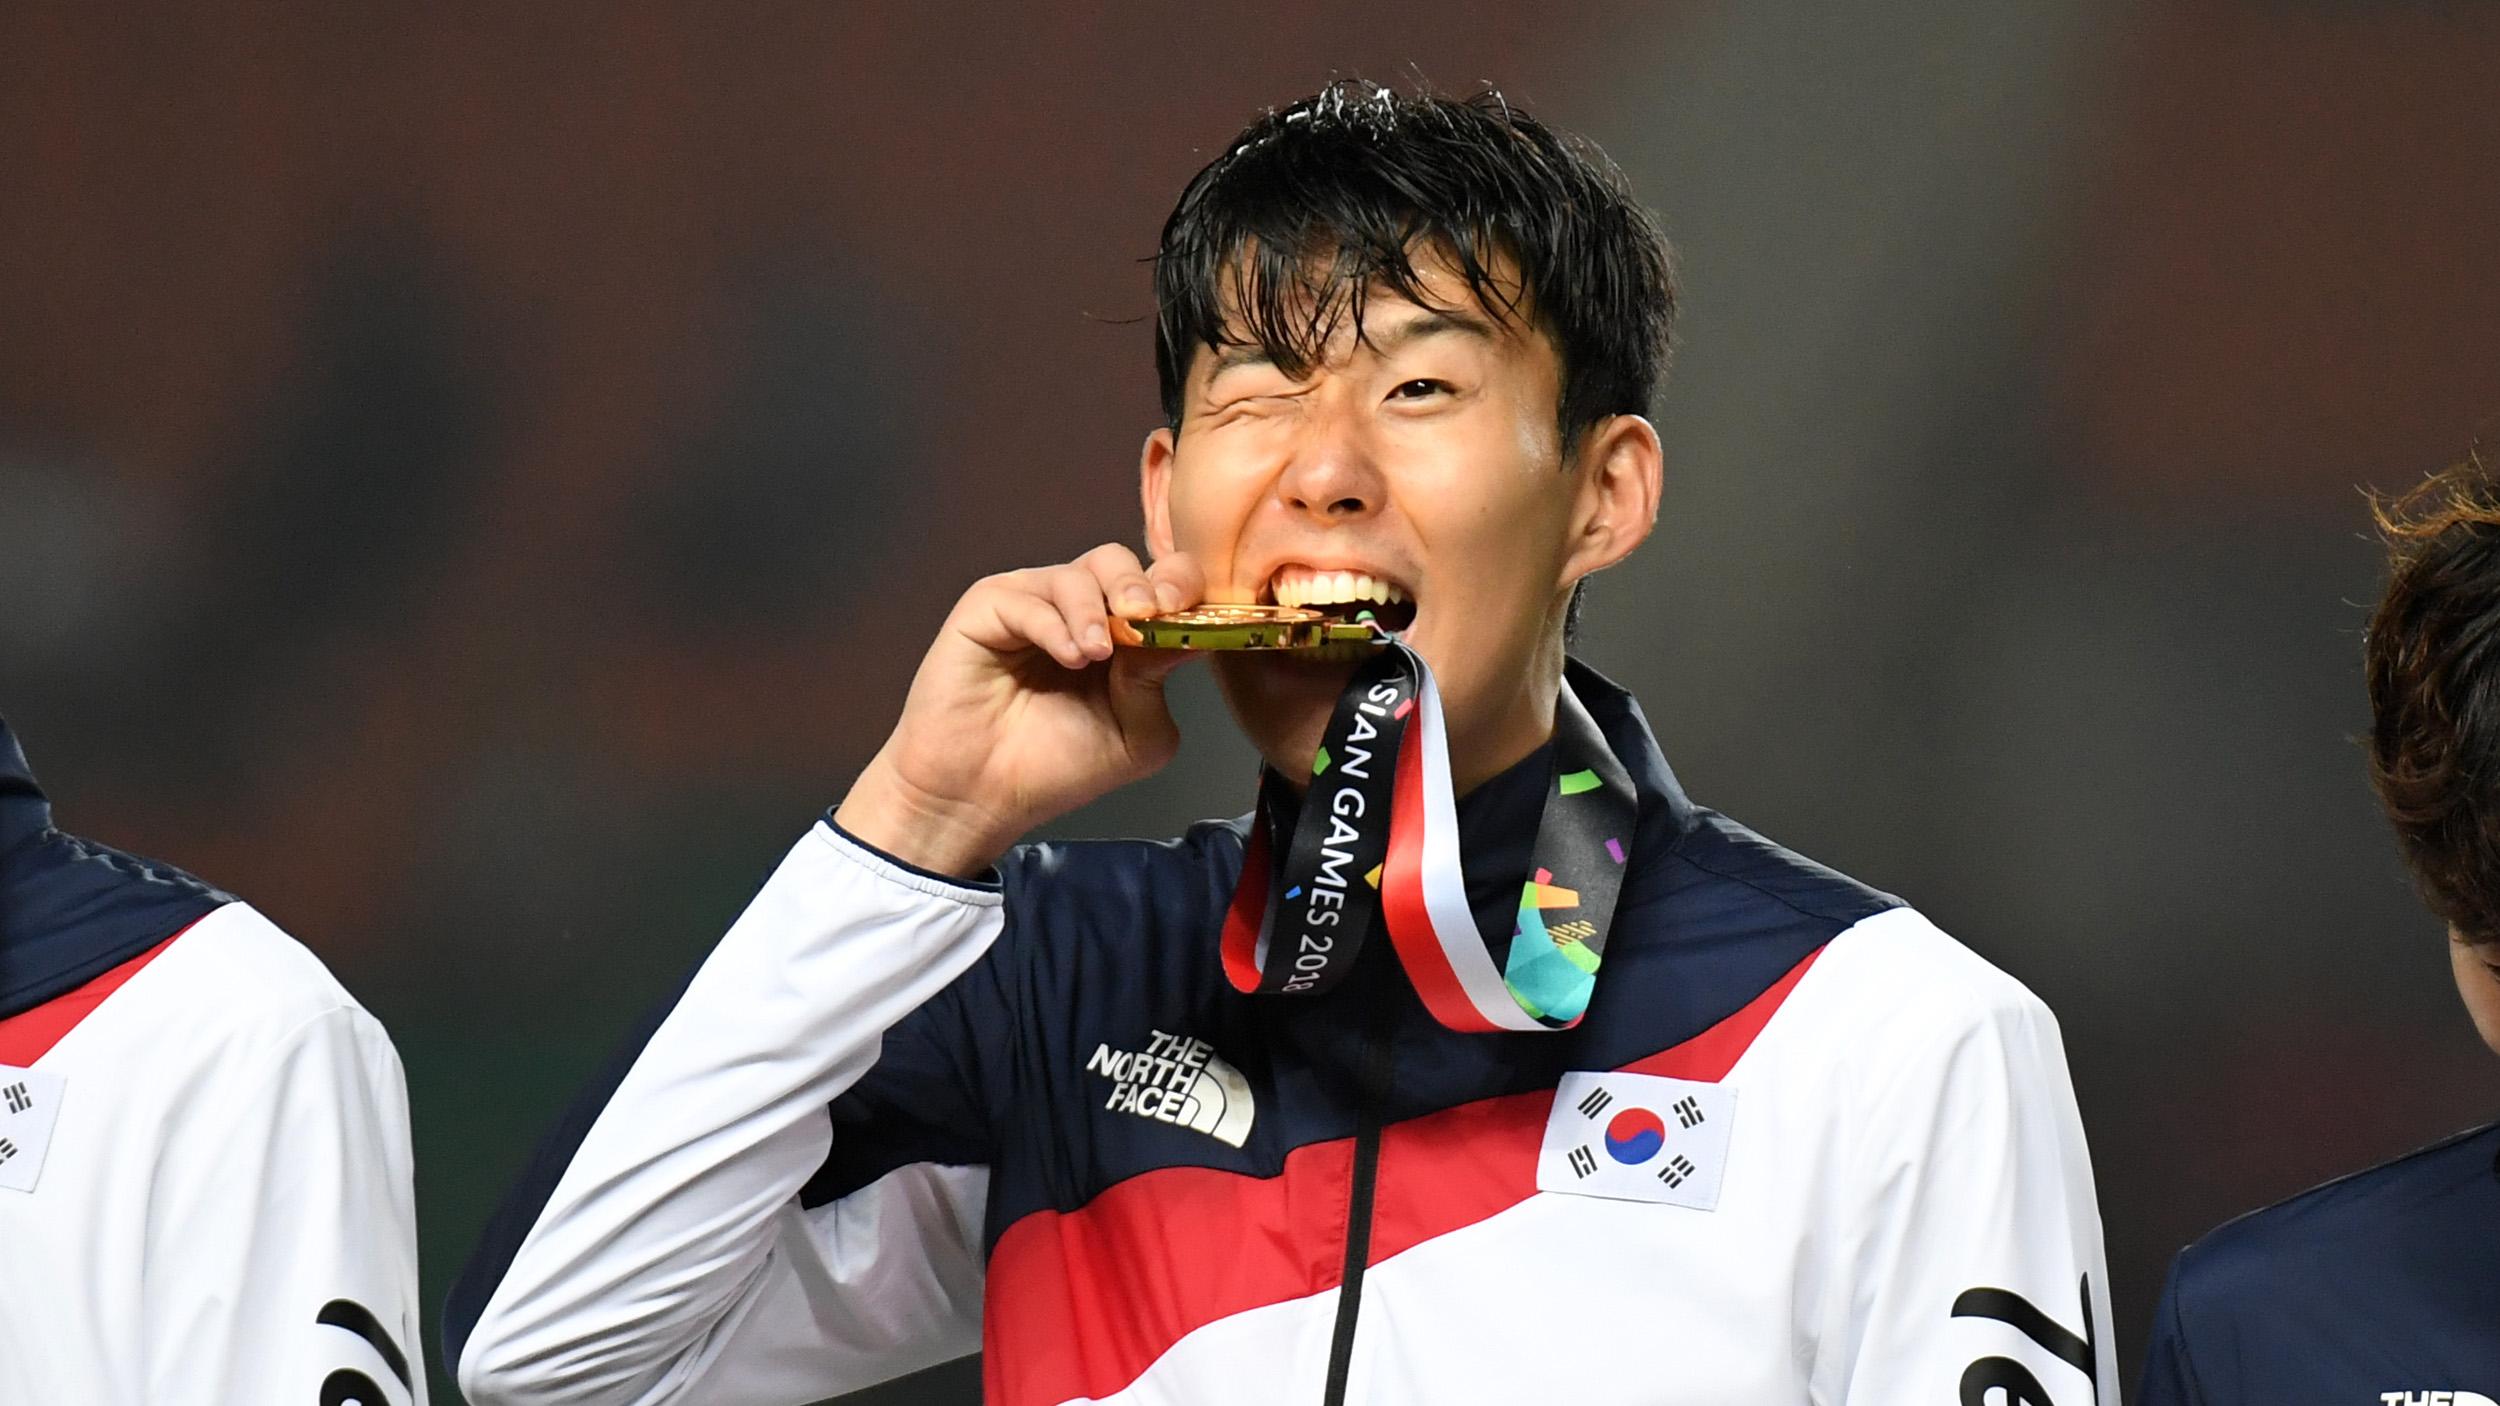 Son Heung-Min festeggia fieramente la sua medaglia d'oro vinta ai giochi asiatici. Foto: Abi Yazid.